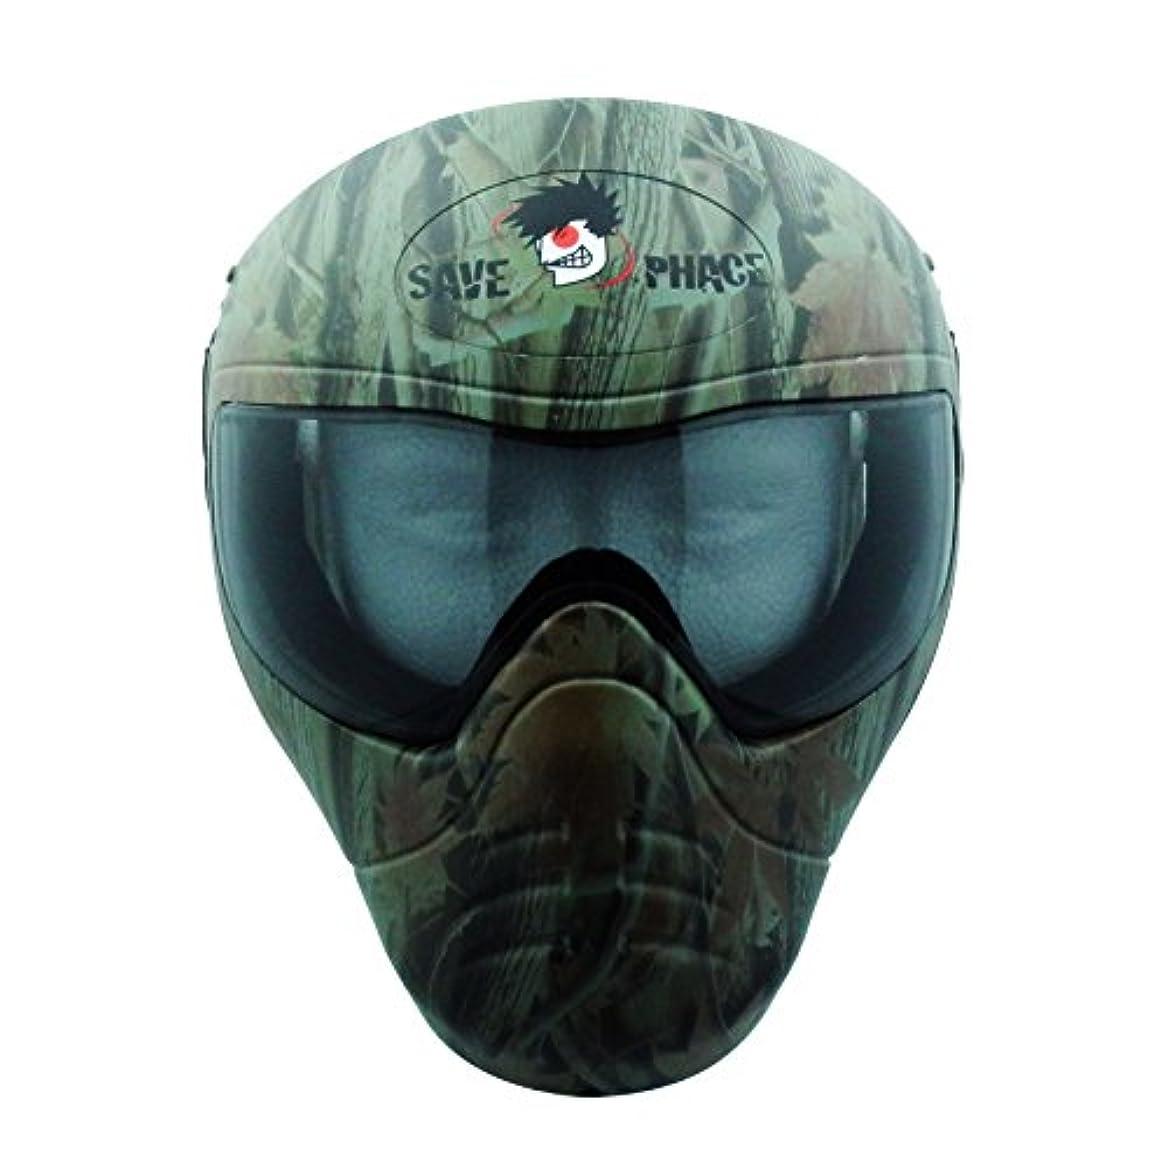 決して表現大使SAVE PHACE(セーブフェイス) Suports Utility Mask(スポーツユーティリティマスク)Hed Hunter SM10003